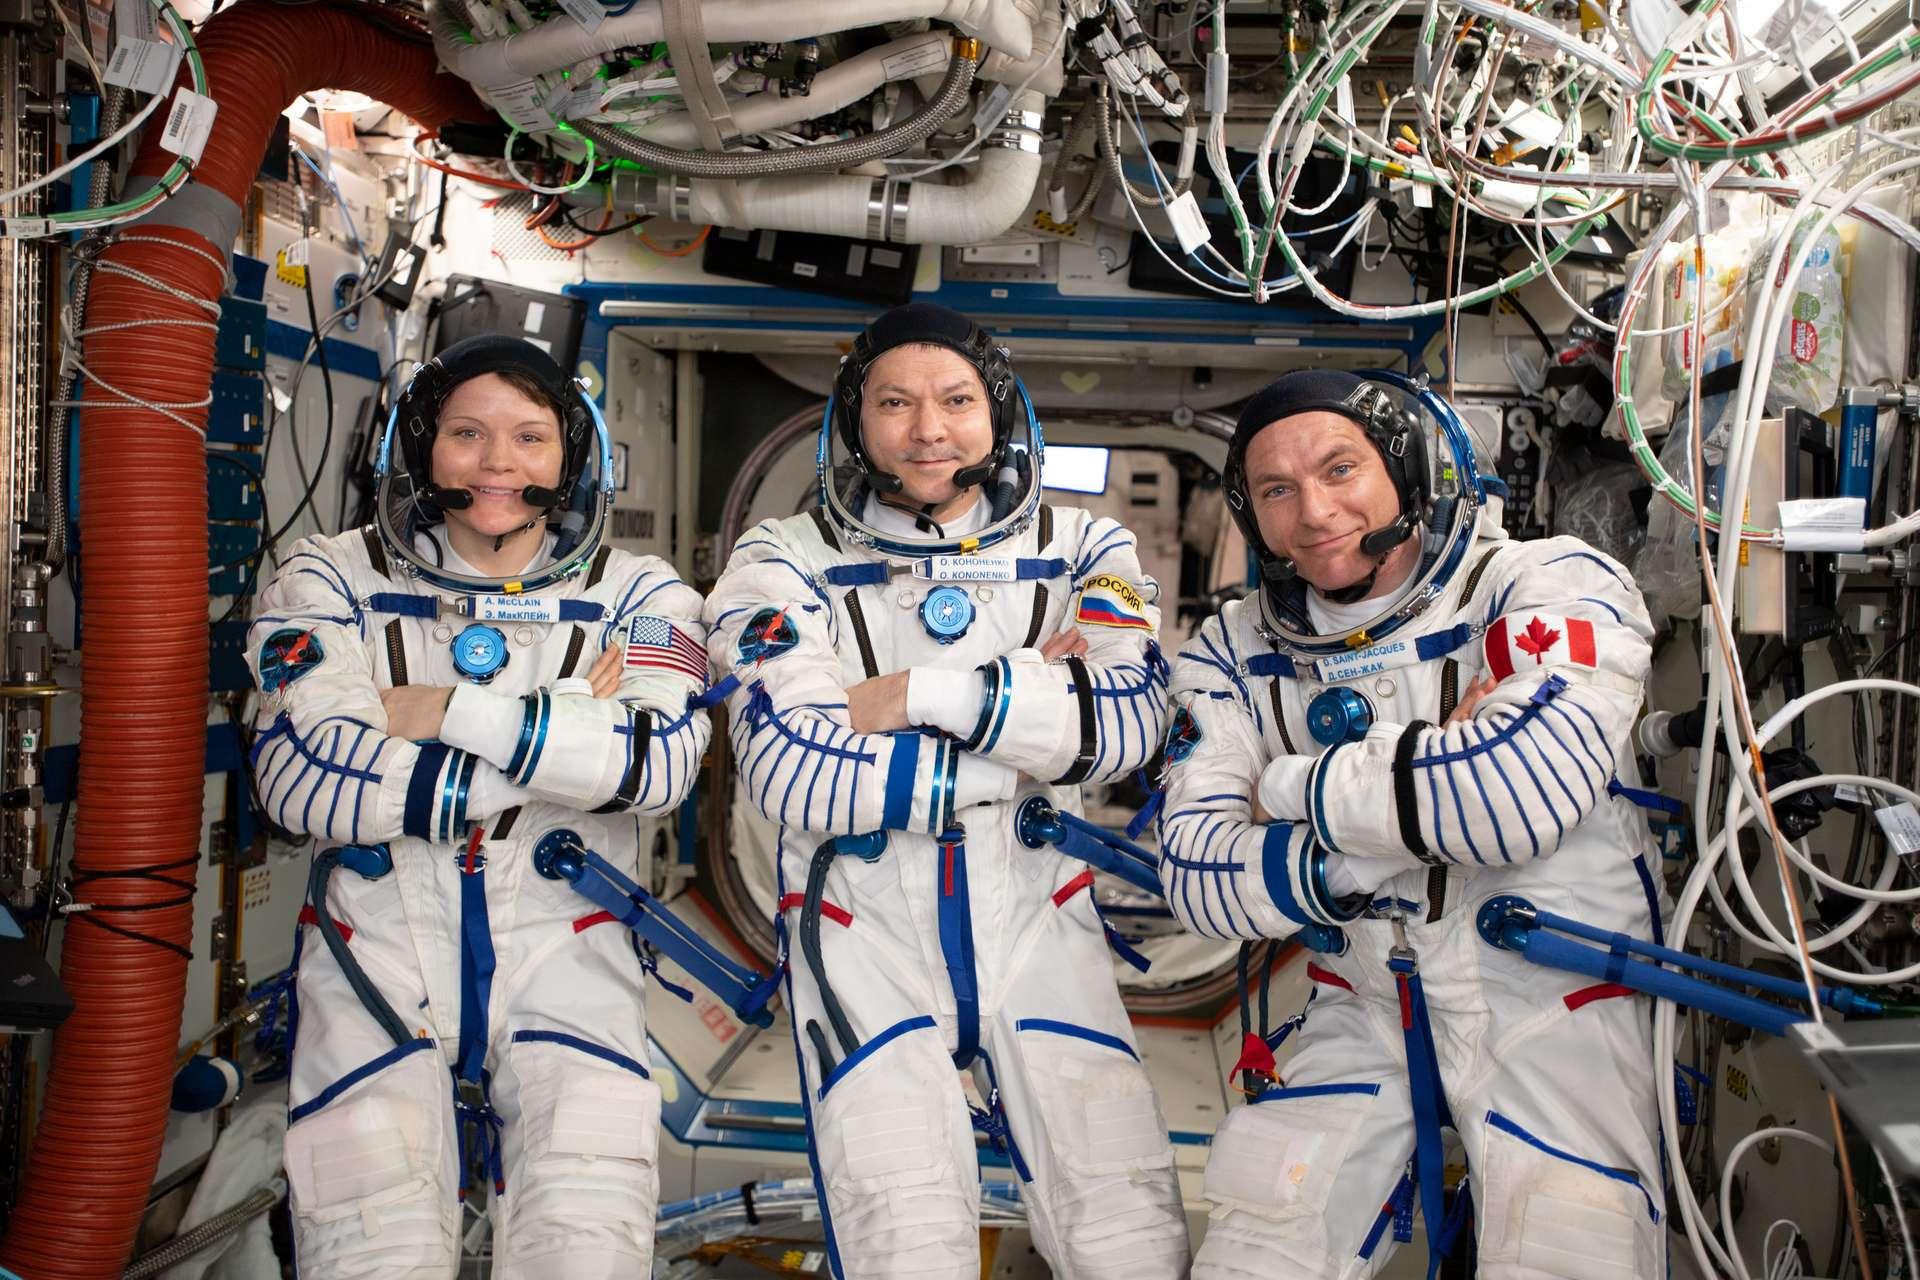 L'astronaute américaine Anne McClain, le cosmonaute Oleg Kononenko et l'astronaute canadien David Saint-Jacques prennent la pose en combinaison dans l'ISS, quelques jours avant leur retour sur Terre qui s'est déroulé le 25 juin 2019. © Nasa